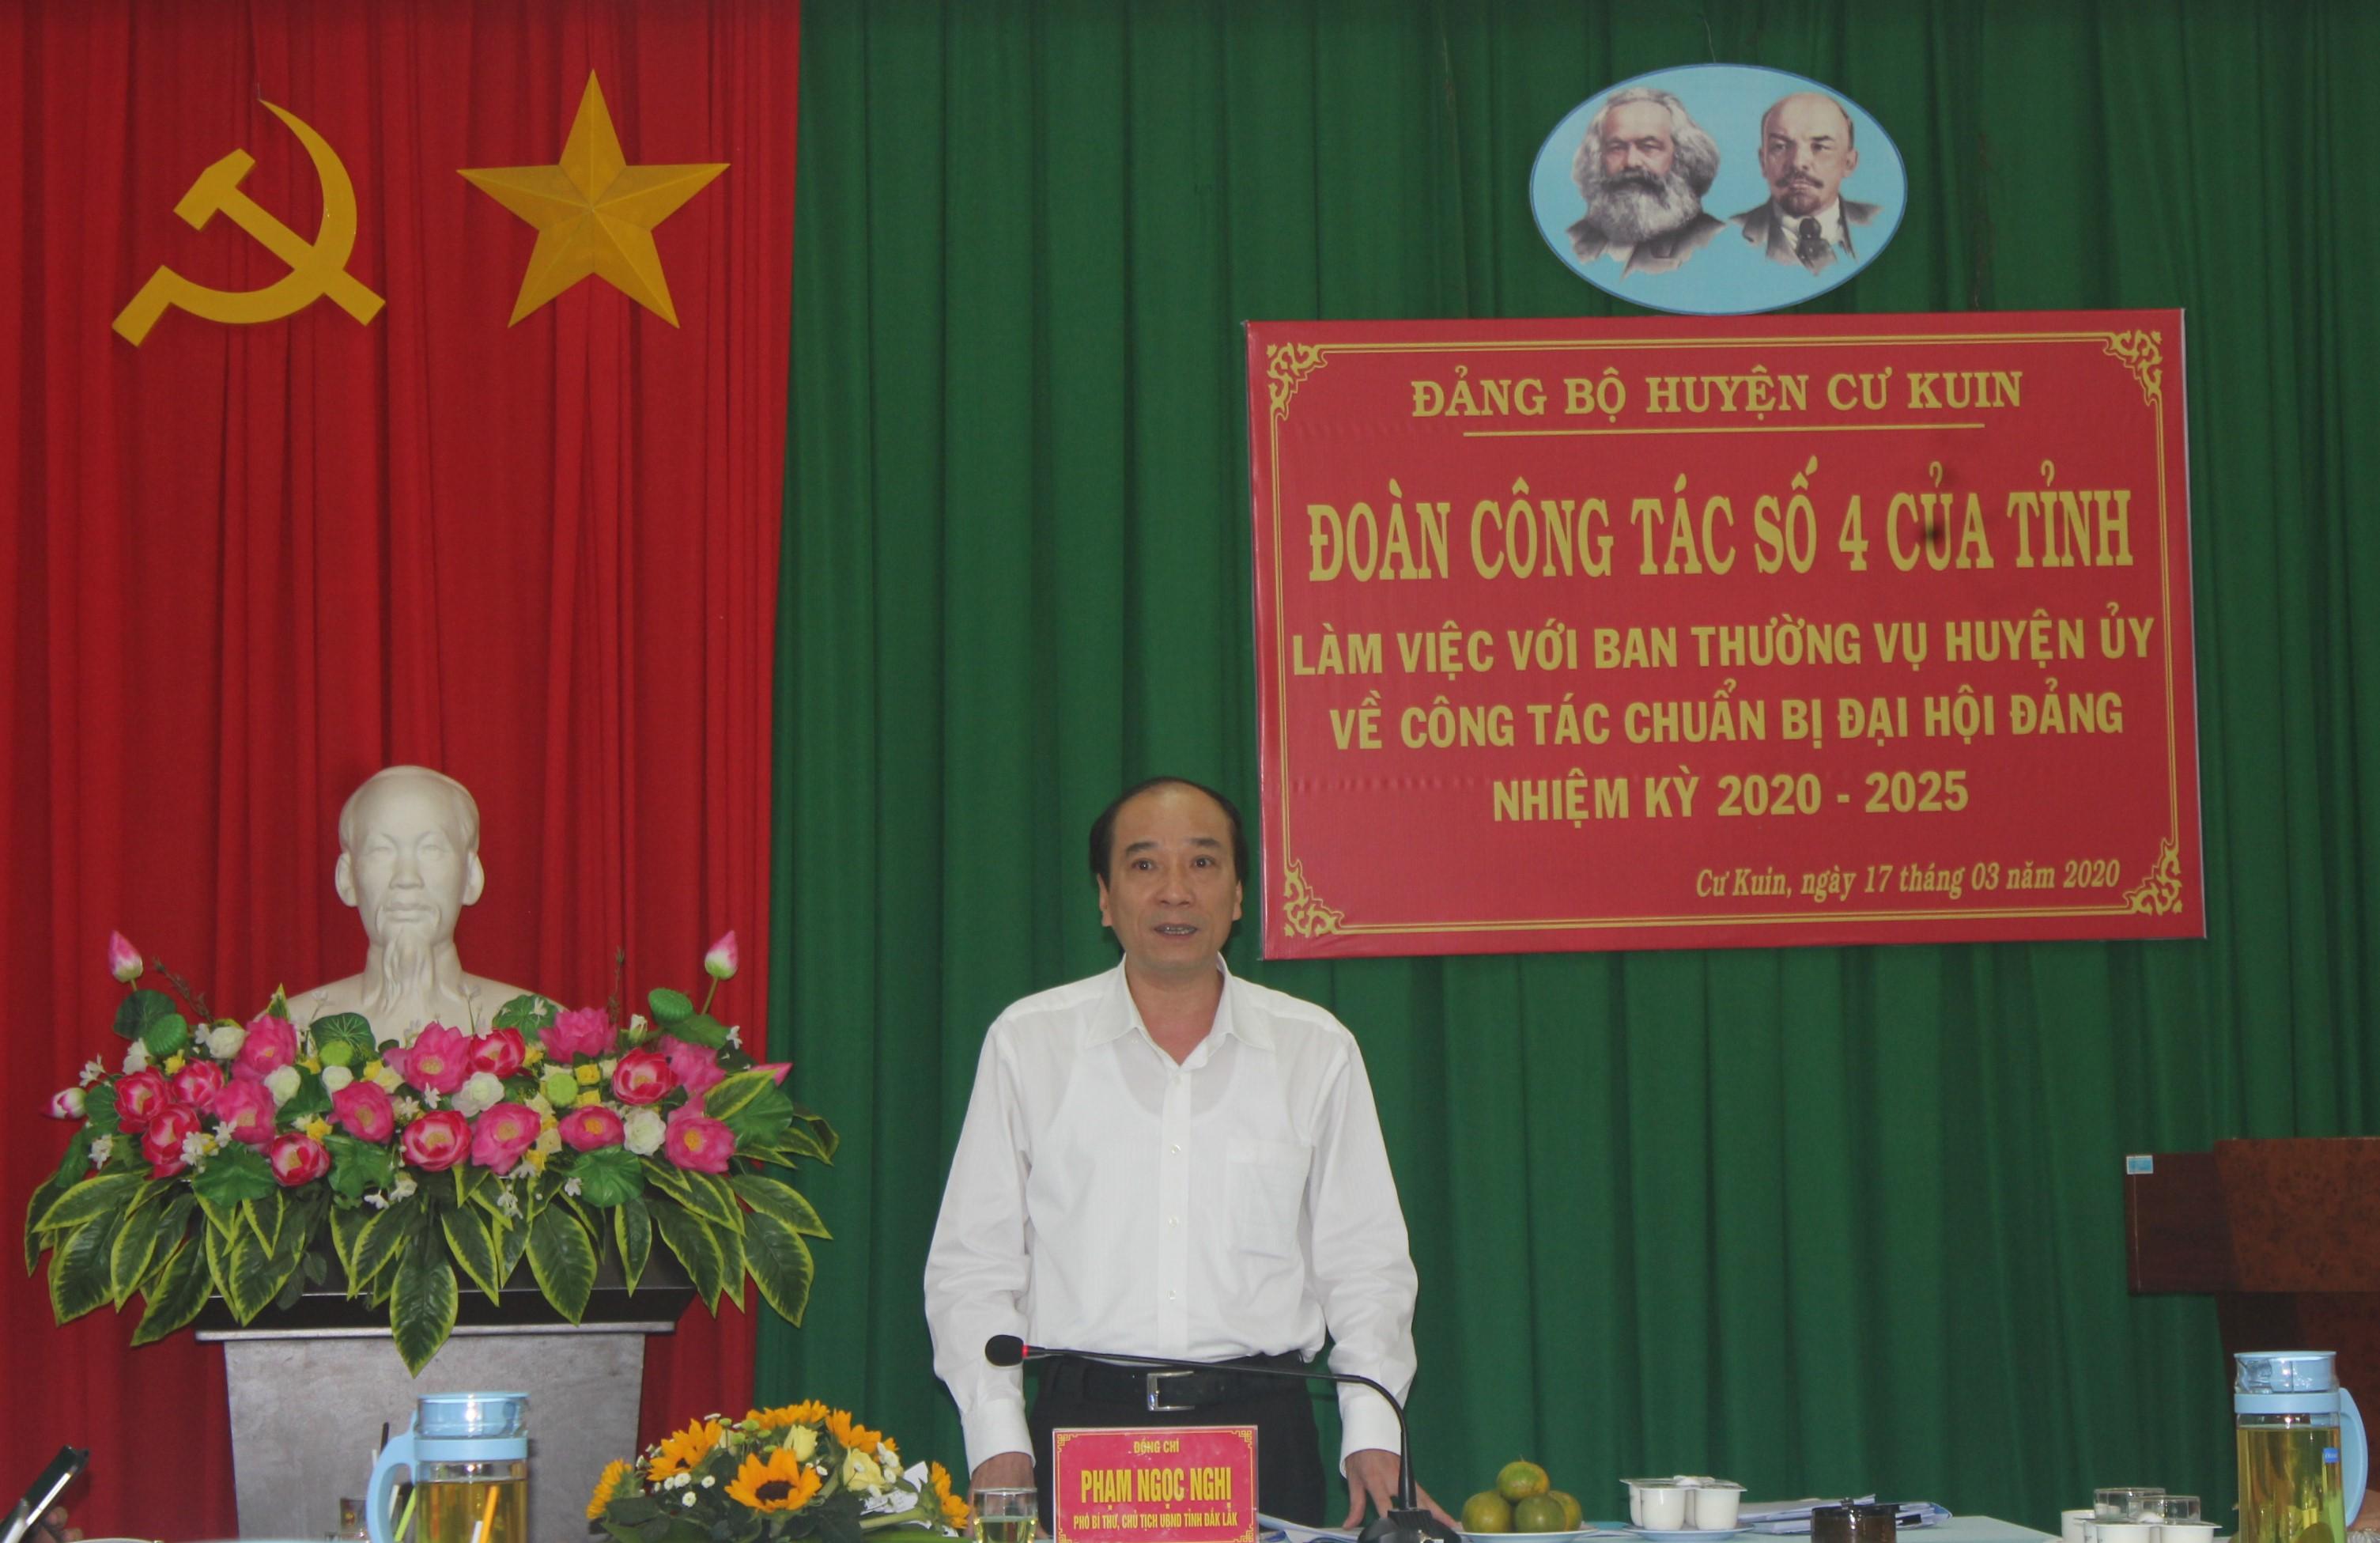 Kiểm tra công tác chuẩn bị Đại hội Đảng bộ huyện Cư Kuin nhiệm kỳ 2020-2025